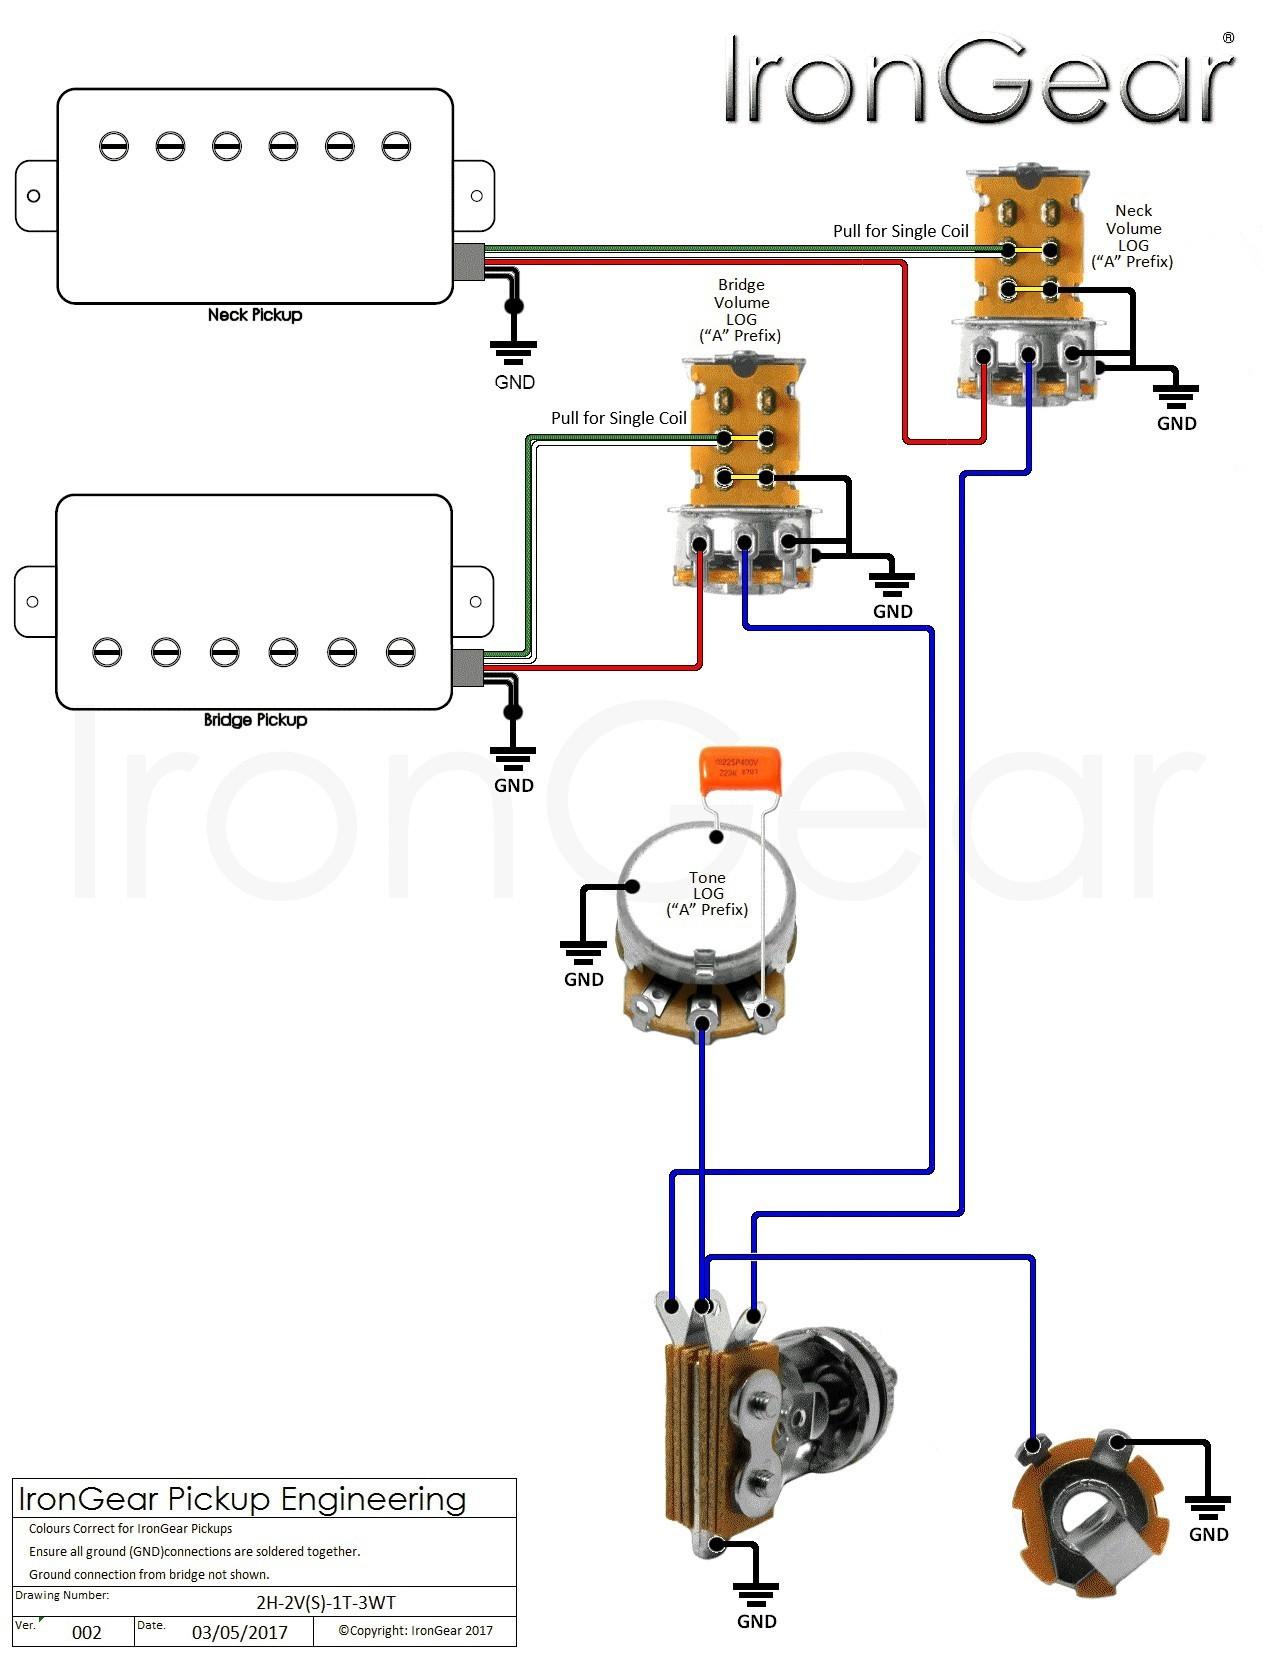 Guitar Volume Wiring Diagram Refrence Wiring Diagram 3 Pickup Guitar New Guitar Wiring Diagram 2 Humbucker